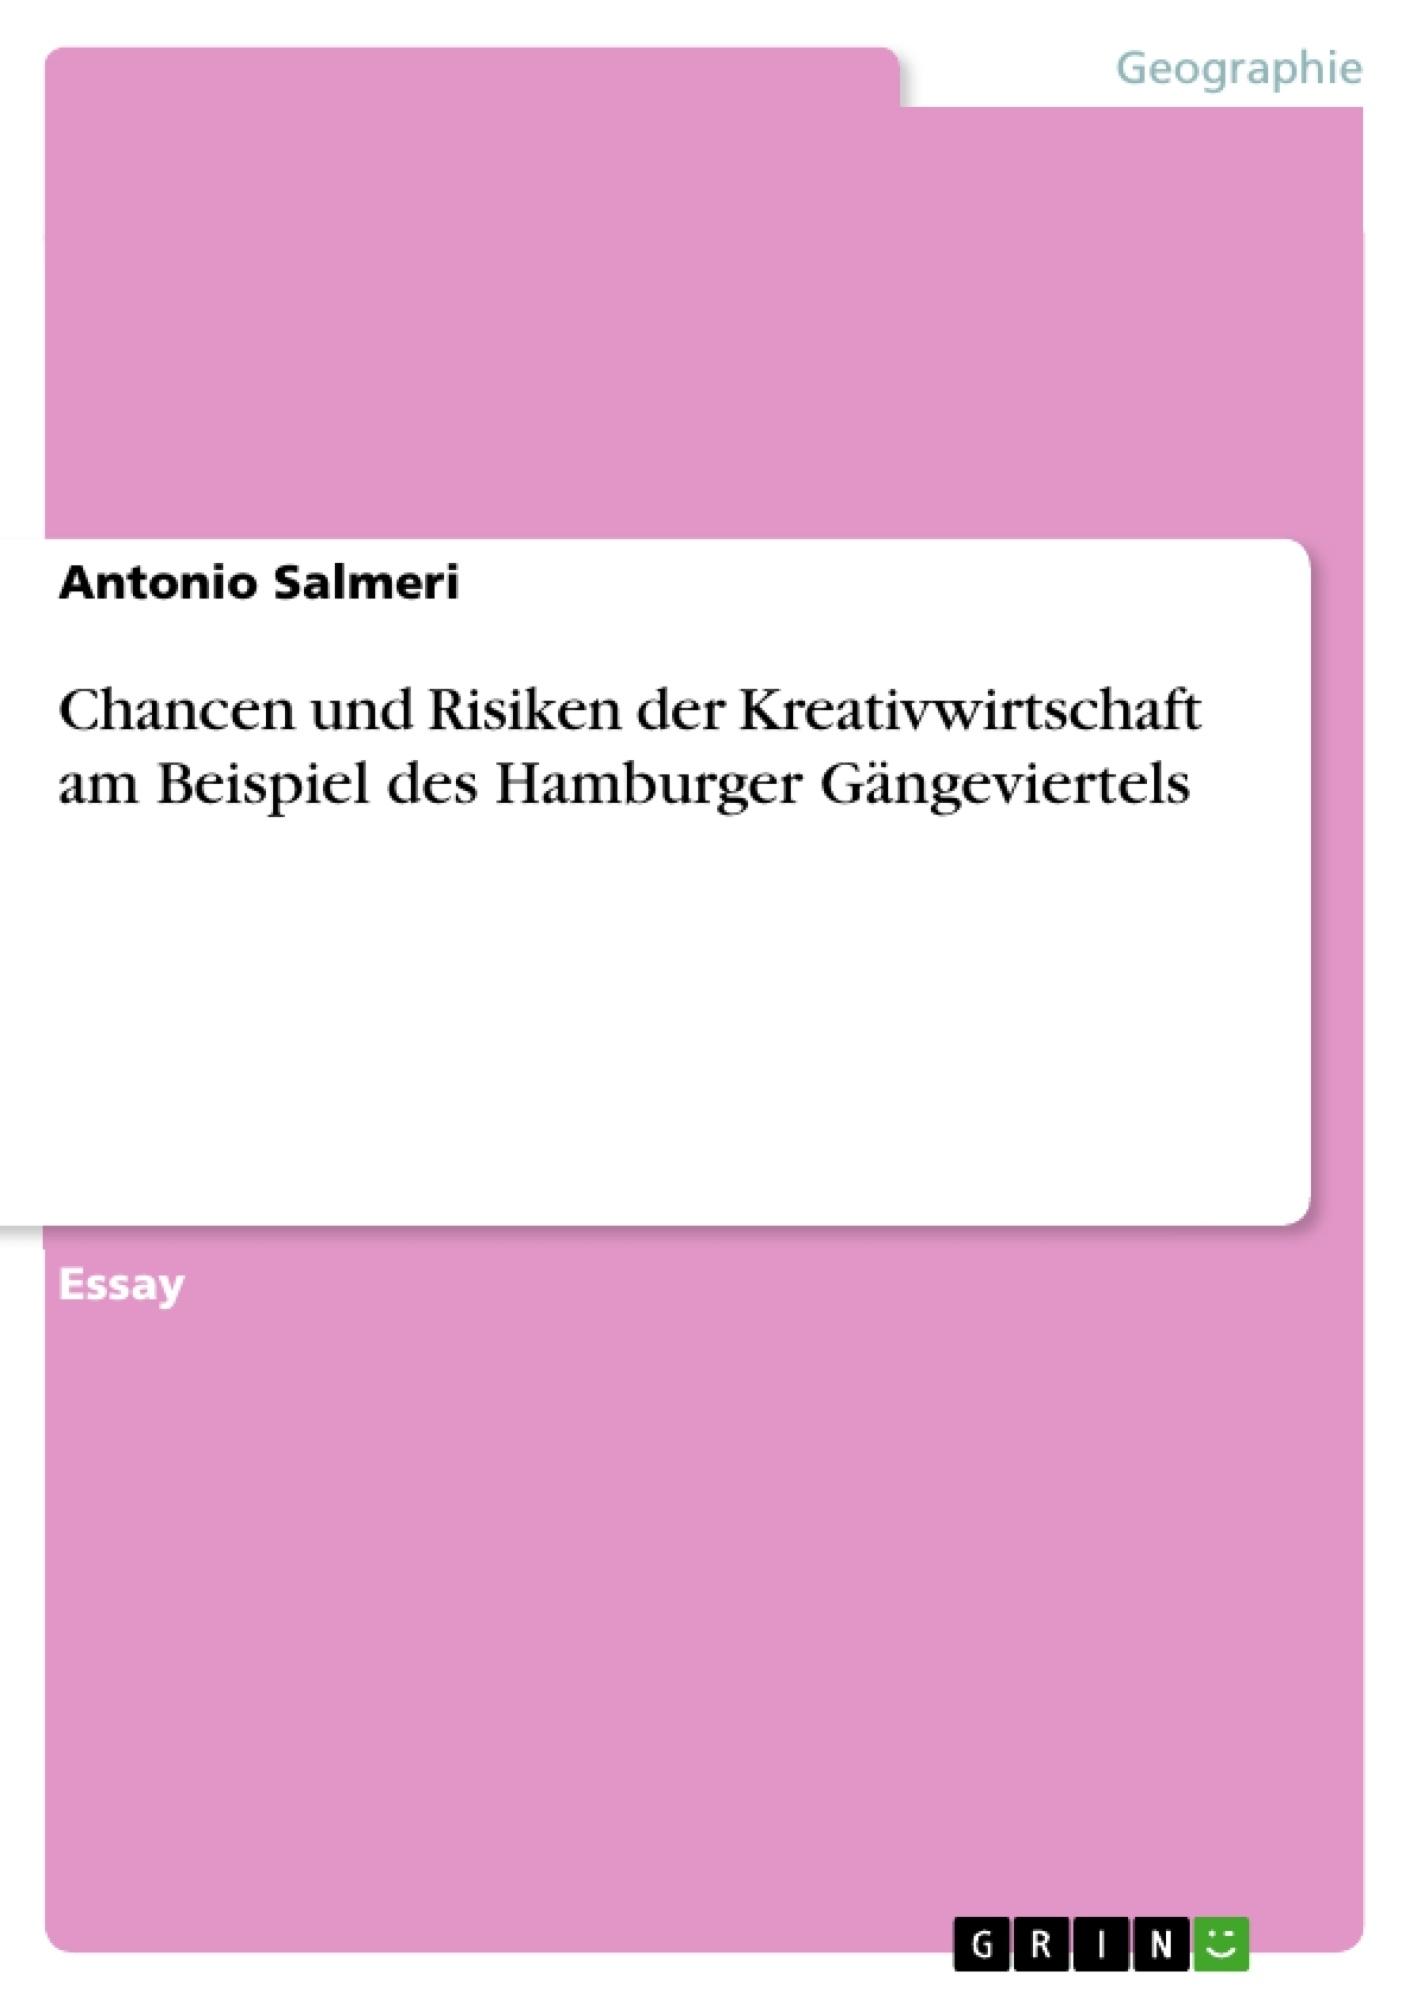 Titel: Chancen und Risiken der Kreativwirtschaft am Beispiel des Hamburger Gängeviertels